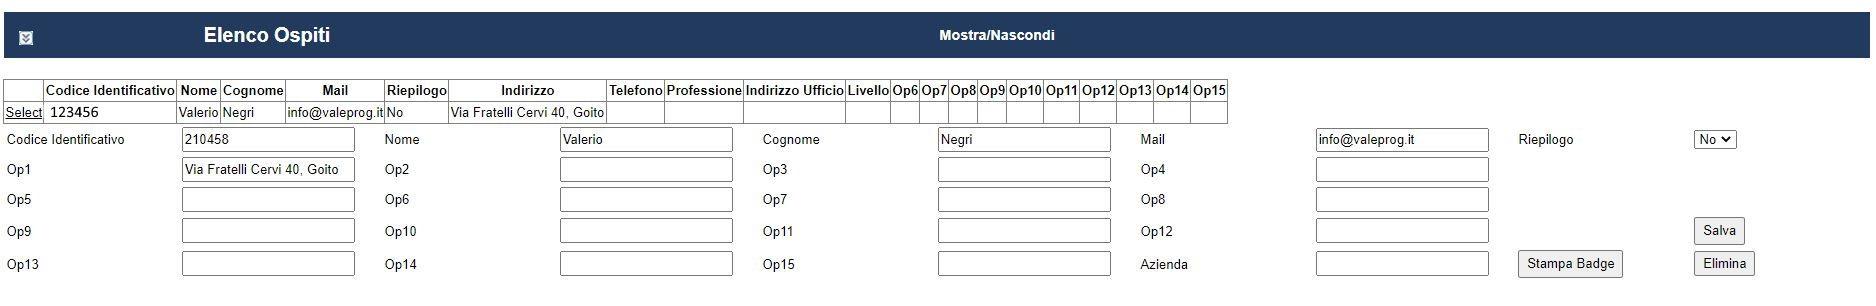 Guida-Registro-Visitatori-elenco-visitatori